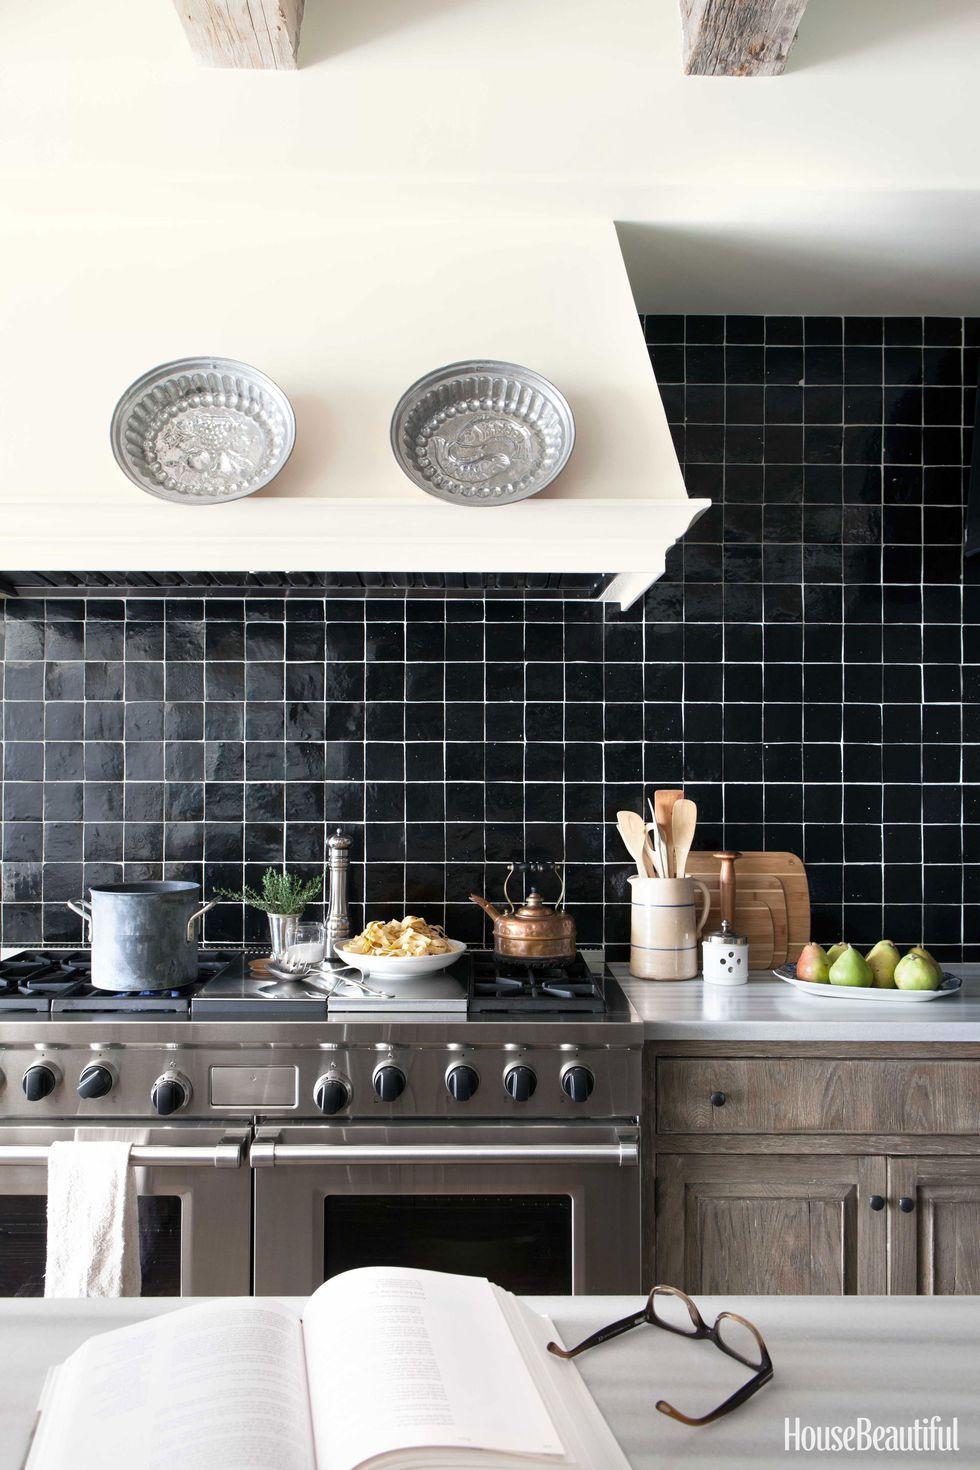 50 Chic Kitchen Backsplash Ideas That Will Transform The Entire